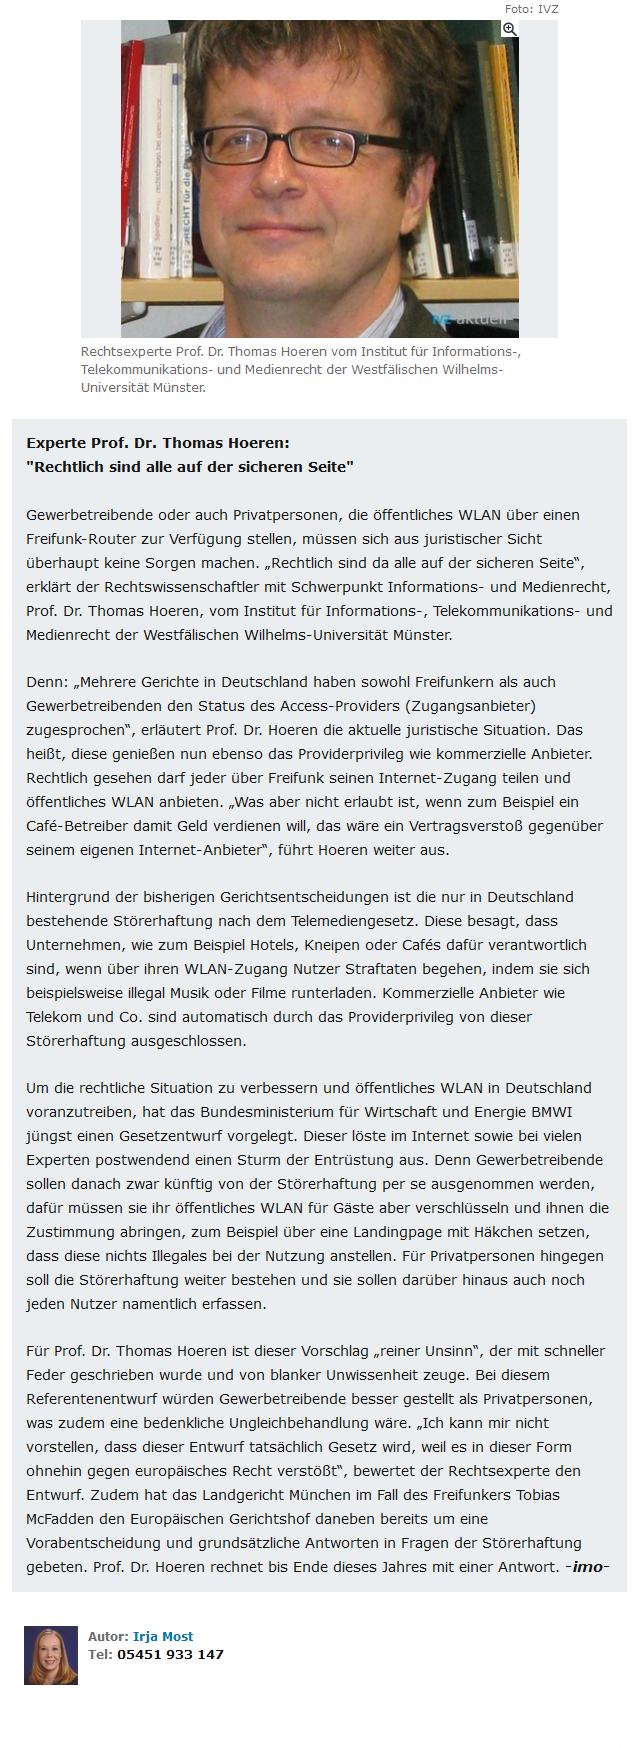 """Rechtsexperte Prof. Dr. Thomas Hoeren vom Institut für Informations-, Telekommunikations- und Medienrecht der Westfälischen Wilhelms- Universität Münster: """"Rechtlich sind alle auf der sicheren Seite"""" Gewerbetreibende oder auch Privatpersonen, die öffentliches WLAN über einen Freifunk-Router zur Verfügung stellen, müssen sich aus juristischer Sicht überhaupt keine Sorgen machen. """"Rechtlich sind da alle auf der sicheren Seite"""", erklärt der Rechtswissenschaftler mit Schwerpunkt Informations- und Medienrecht, Prof. Dr. Thomas Hoeren, vom Institut für Informations-, Telekommunikations- und Medienrecht der Westfälischen Wilhelms-Universität Münster. Denn: """"Mehrere Gerichte in Deutschland haben sowohl Freifunkern als auch Gewerbetreibenden den Status des Access-Providers (Zugangsanbieter) zugesprochen"""", erläutert Prof. Dr. Hoeren die aktuelle juristische Situation. Das heißt, diese genießen nun ebenso das Providerprivileg wie kommerzielle Anbieter. Rechtlich gesehen darf jeder über Freifunk seinen Internet-Zugang teilen und öffentliches WLAN anbieten. """"Was aber nicht erlaubt ist, wenn zum Beispiel ein Cafe-Betreiber damit Geld verdienen will, das wäre ein Vertragsverstoß gegenüber seinem eigenen Internet-Anbieter"""", führt Hoeren weiter aus. Hintergrund der bisherigen Gerichtsentscheidungen ist die nur in Deutschland bestehende Störerhaftung nach dem Telemediengesetz. Diese besagt, dass Unternehmen, wie zum Beispiel Hotels, Kneipen oder Cafes dafür verantwortlich sind, wenn über ihren WLAN-Zugang Nutzer Straftaten begehen, indem sie sich beispielsweise illegal Musik oder Filme runterladen. Kommerzielle Anbieter wie Telekom und Co. sind automatisch durch das Providerprivileg von dieser Störerhaftung ausgeschlossen. Um die rechtliche Situation zu verbessern und öffentliches WLAN in Deutschland voranzutreiben, hat das Bundesministerium für Wirtschaft und Energie BMWI jüngst einen Gesetzentwurf vorgelegt. Dieser löste im Internet sowie bei vielen Experten postwendend einen Sturm"""